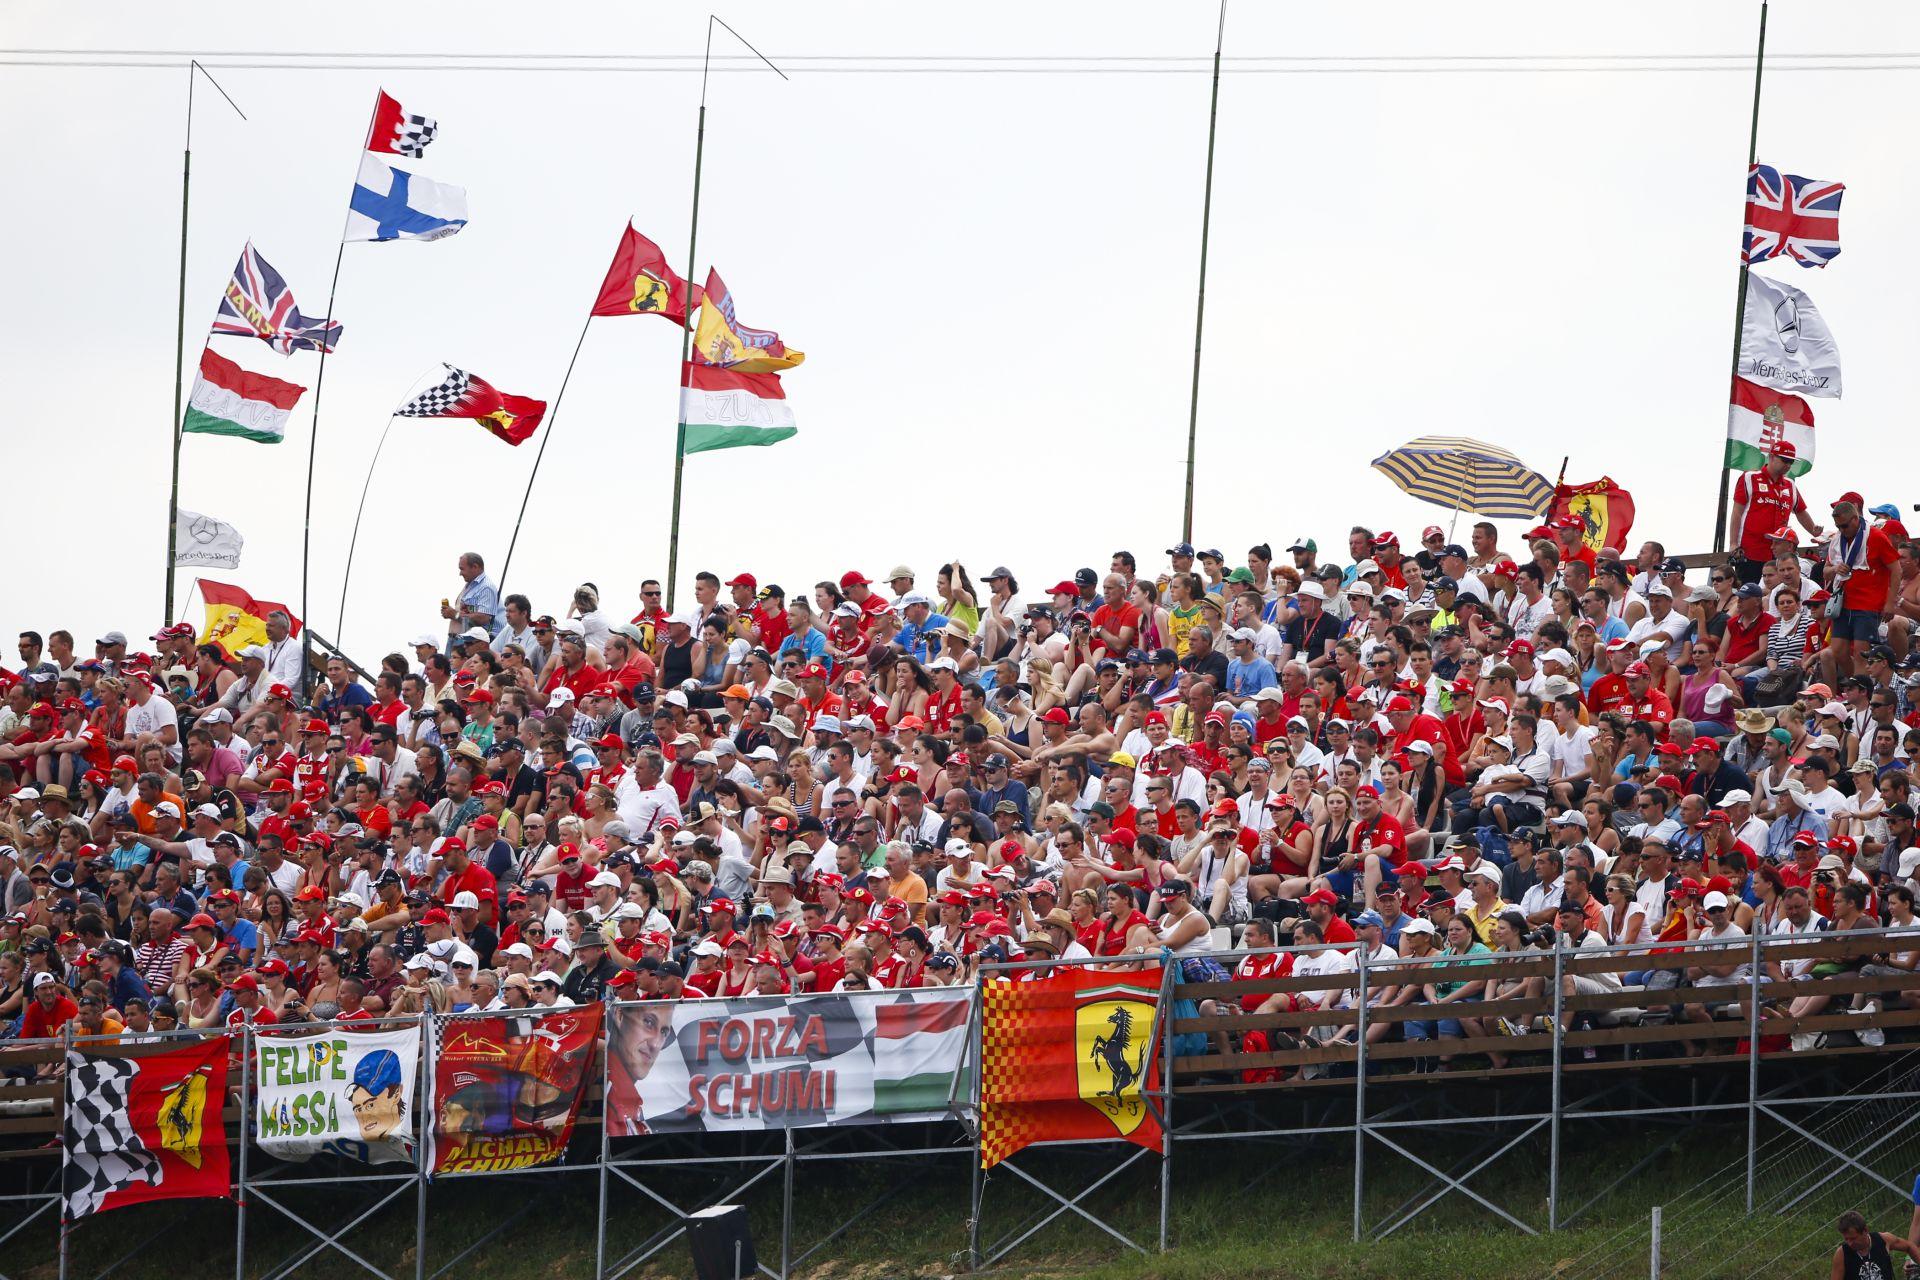 Irány a Magyar Nagydíj! A Ferrari nyer a forróságban? Nézd meg a helyszínen! AKCIÓ!